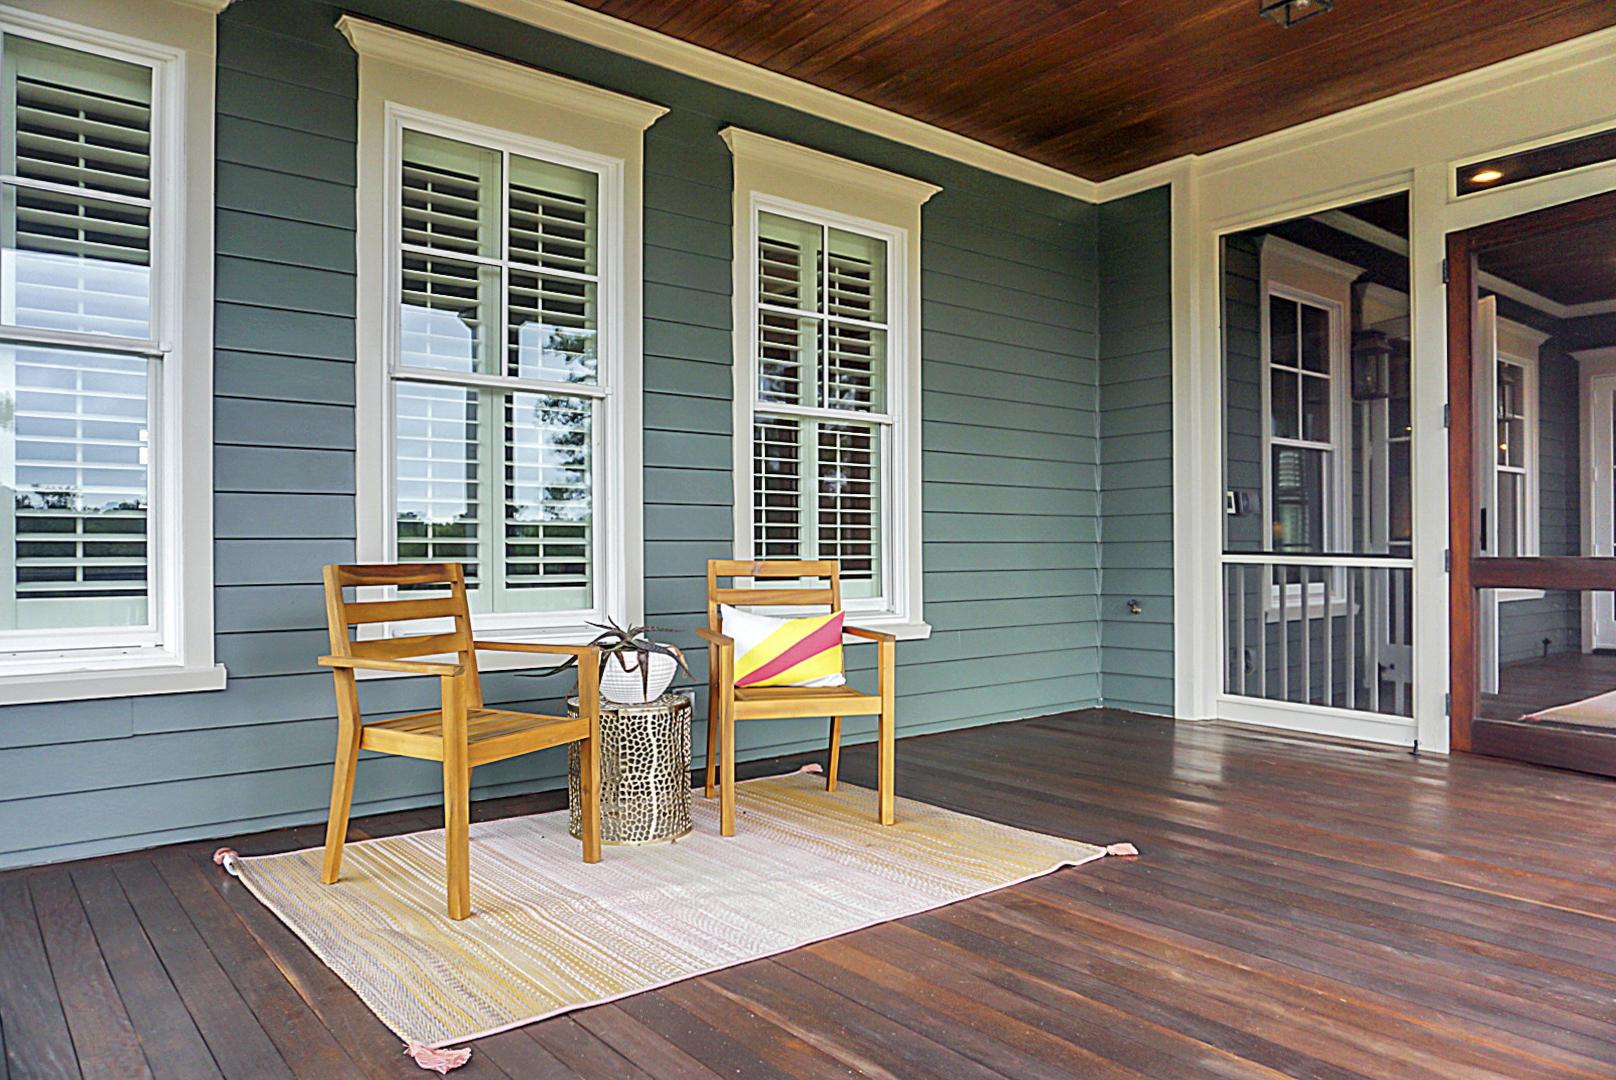 Dunes West Homes For Sale - 2978 River Vista, Mount Pleasant, SC - 82